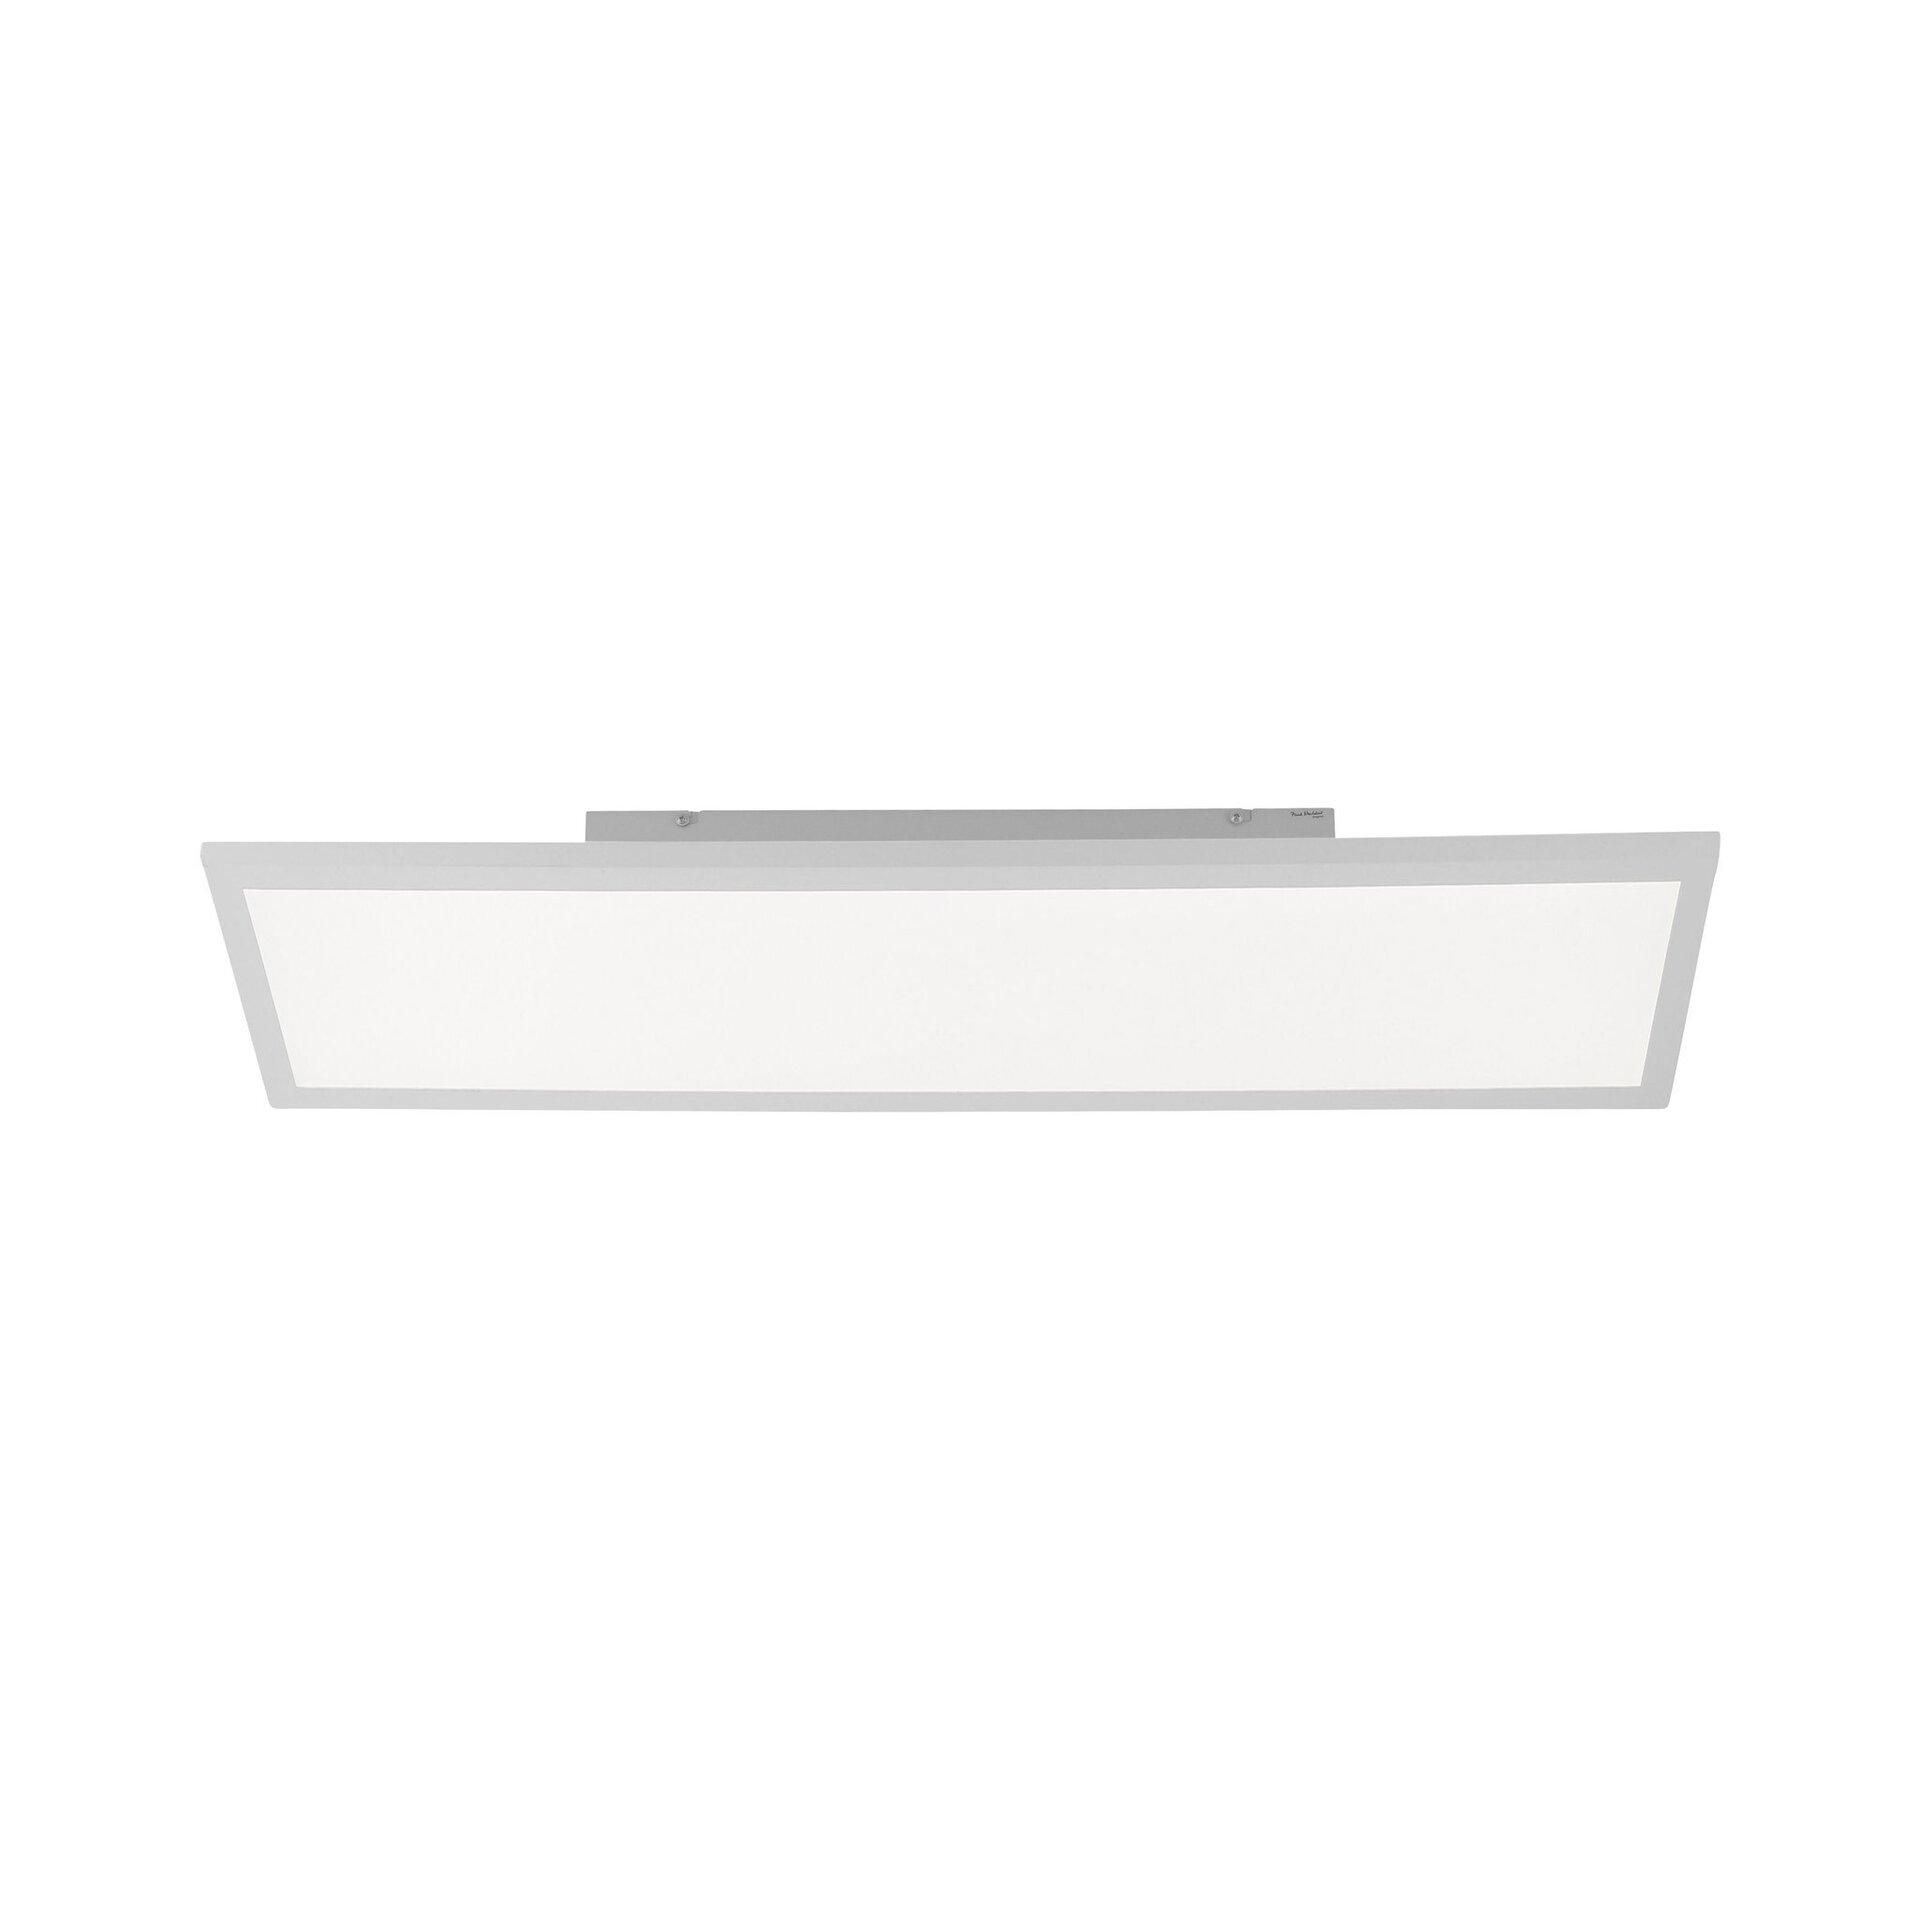 Deckenleuchte FLEET Leuchtendirekt Kunststoff weiß 30 x 7 x 60 cm